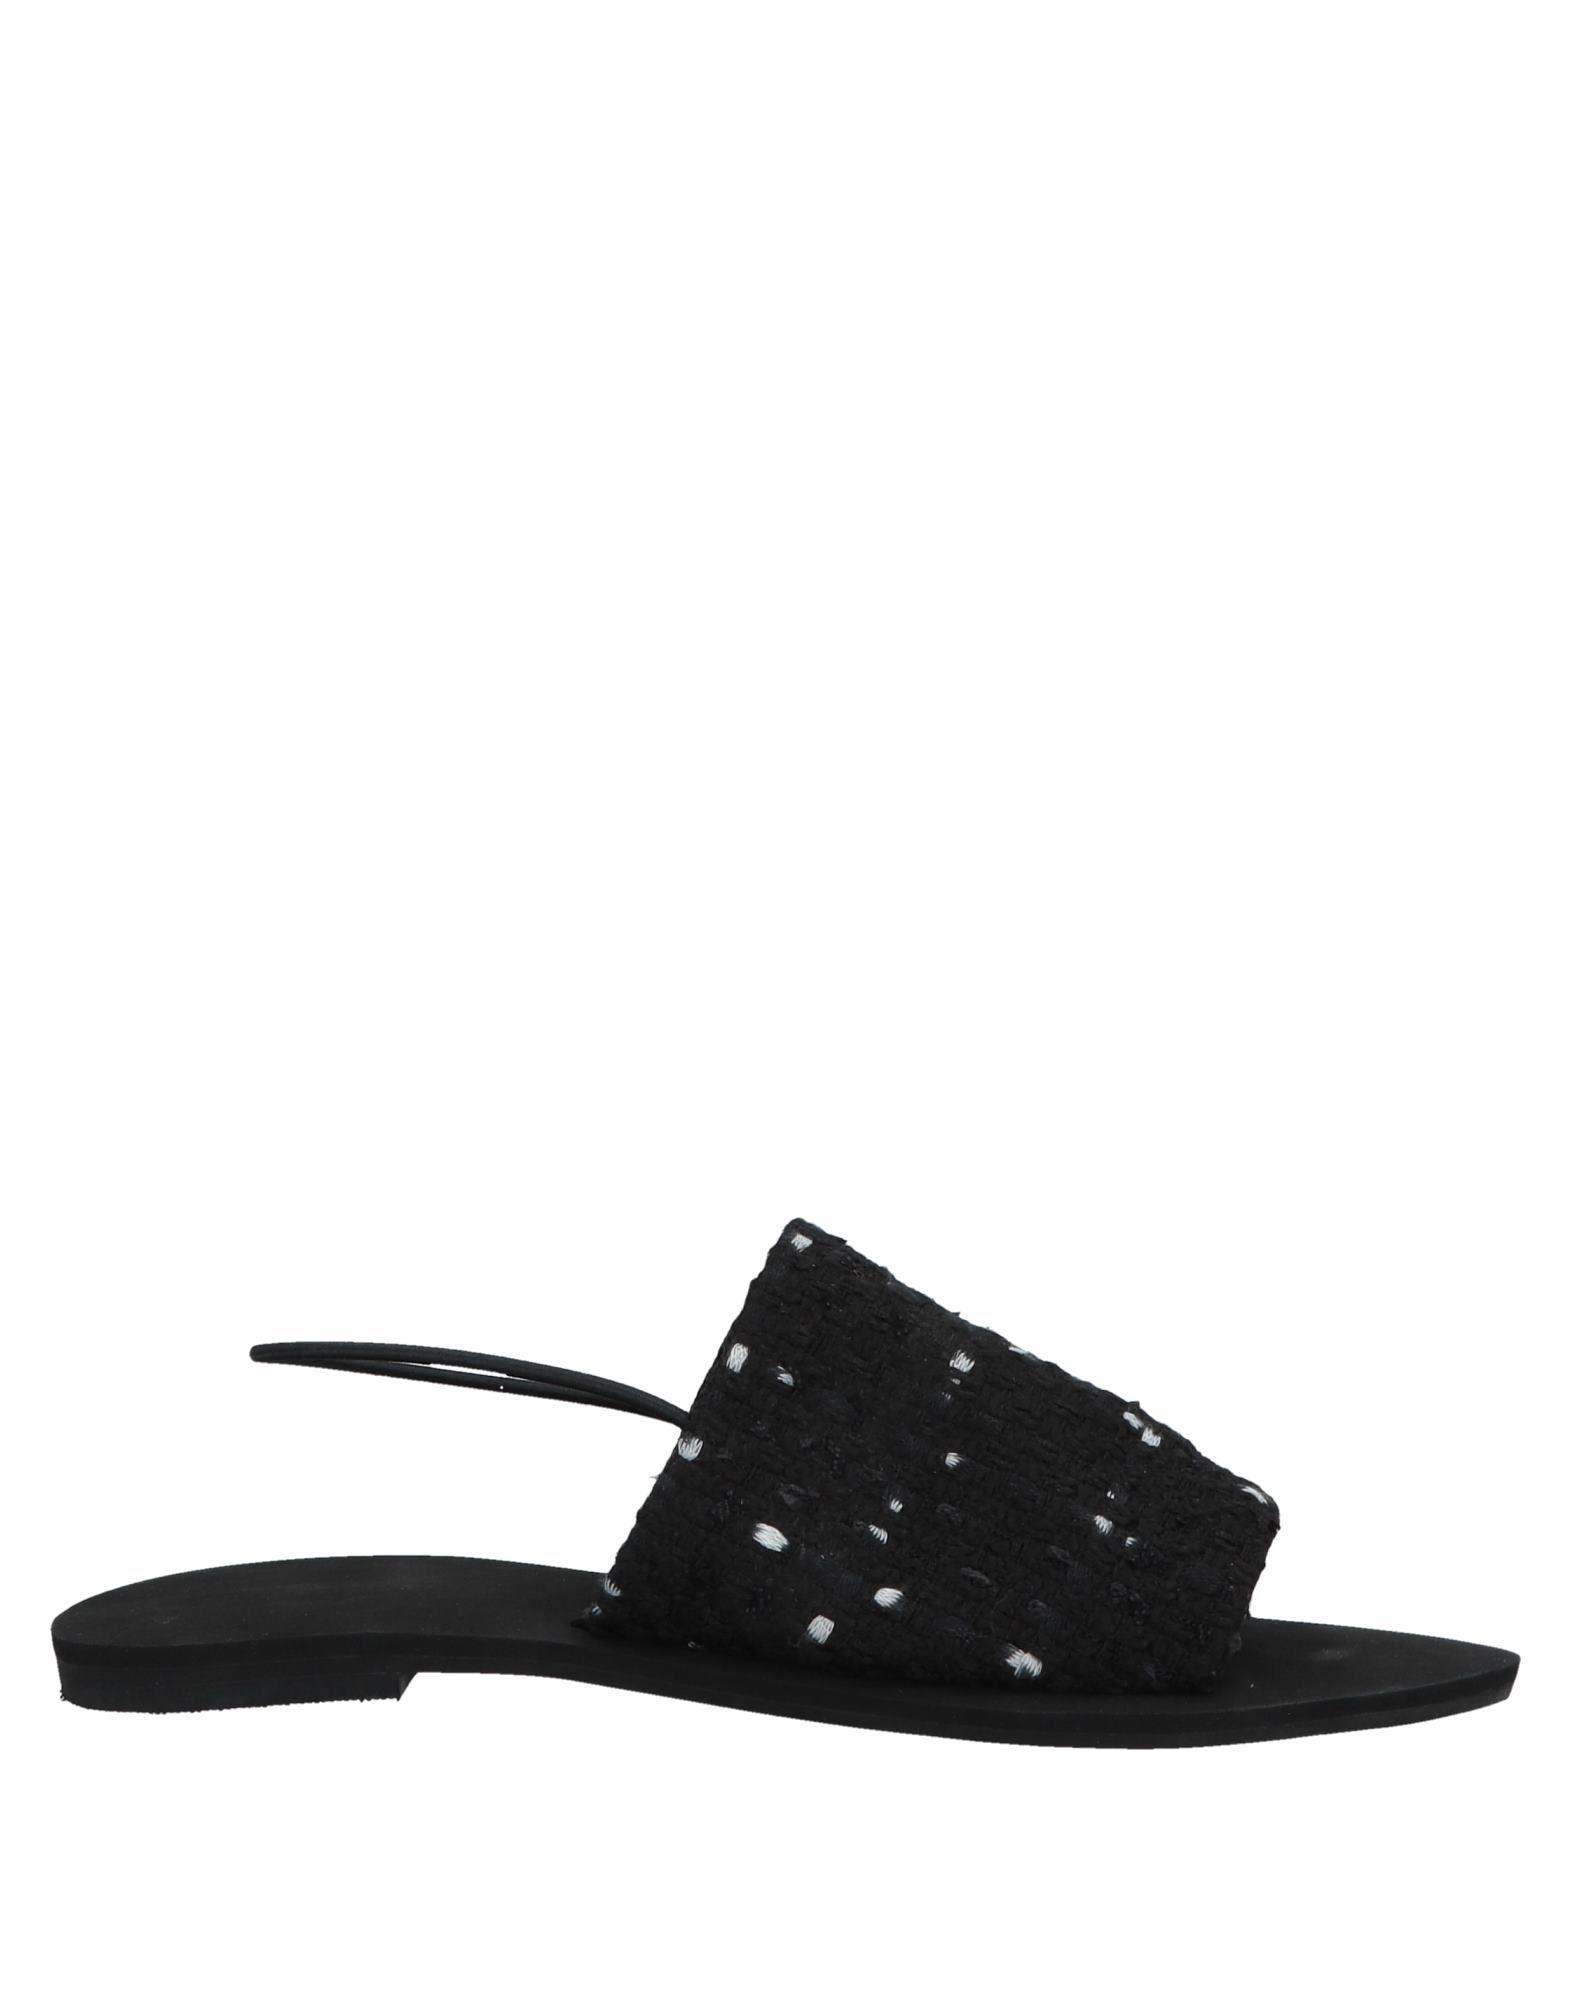 Stivaletti Clarks offerte Donna - 11526024UH Nuove offerte Clarks e scarpe comode 69c66c